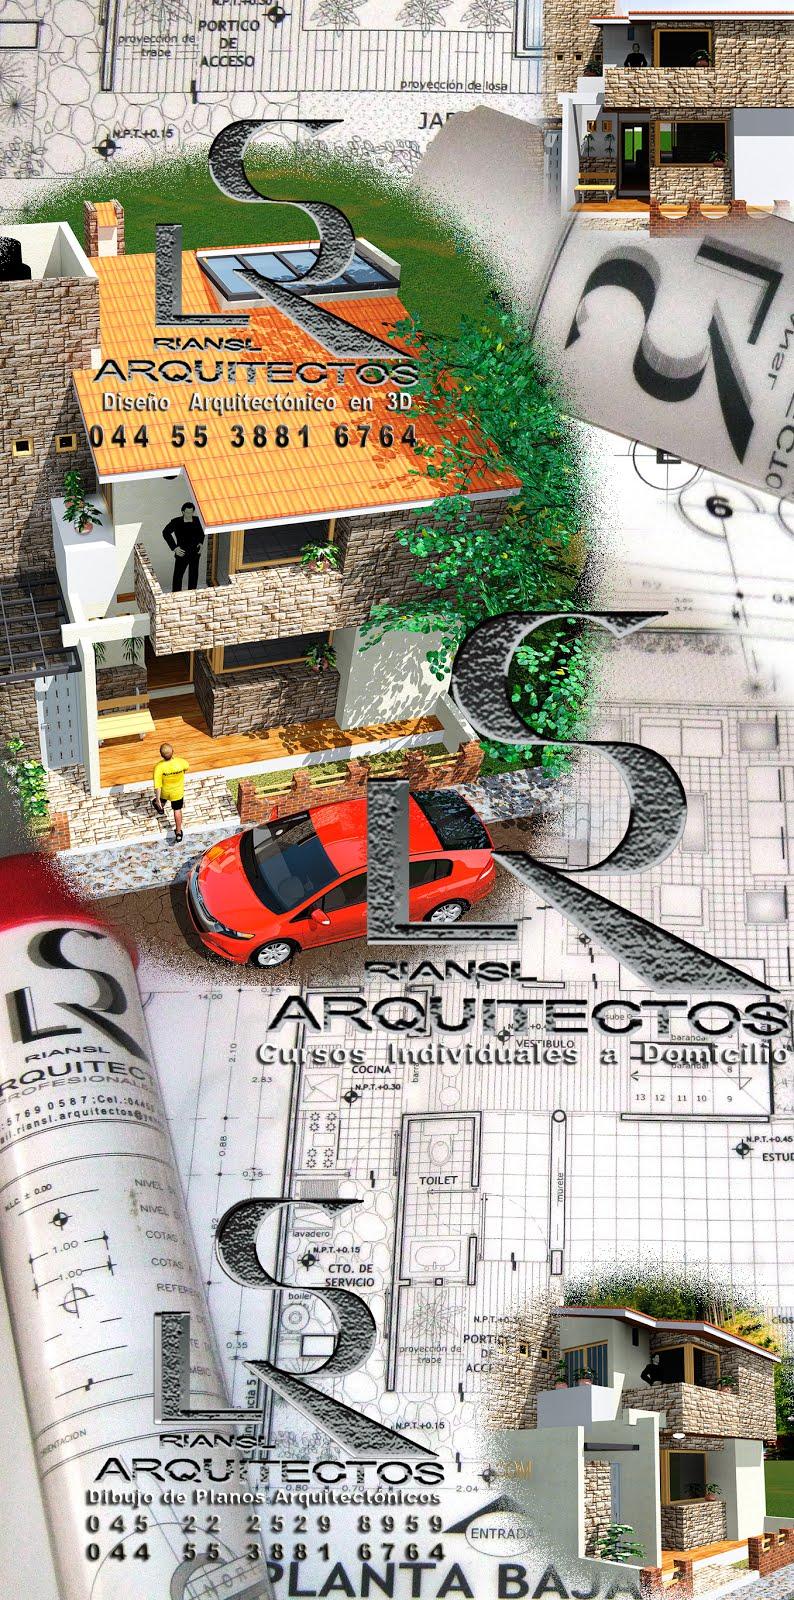 Nuevas posibilidades de Diseño Arquitectónico es la constante búsqueda en riansl.arquitectos